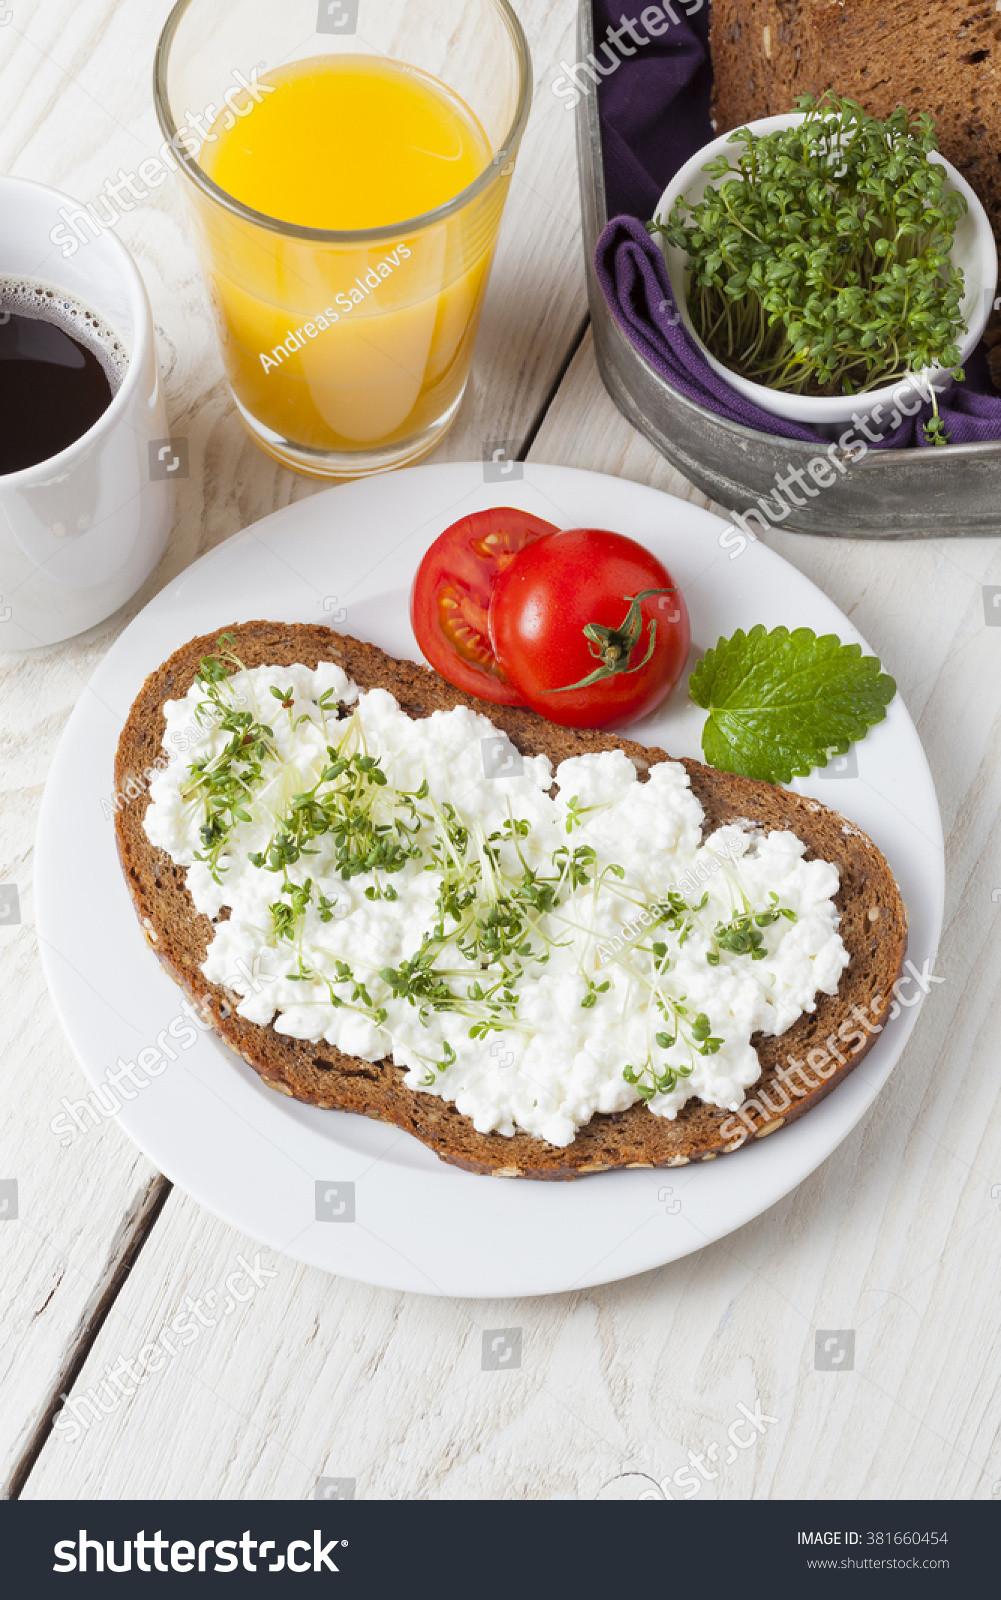 Healthy Low Fat Breakfast  Healthy Spring Summer Low Fat Breakfast Stock